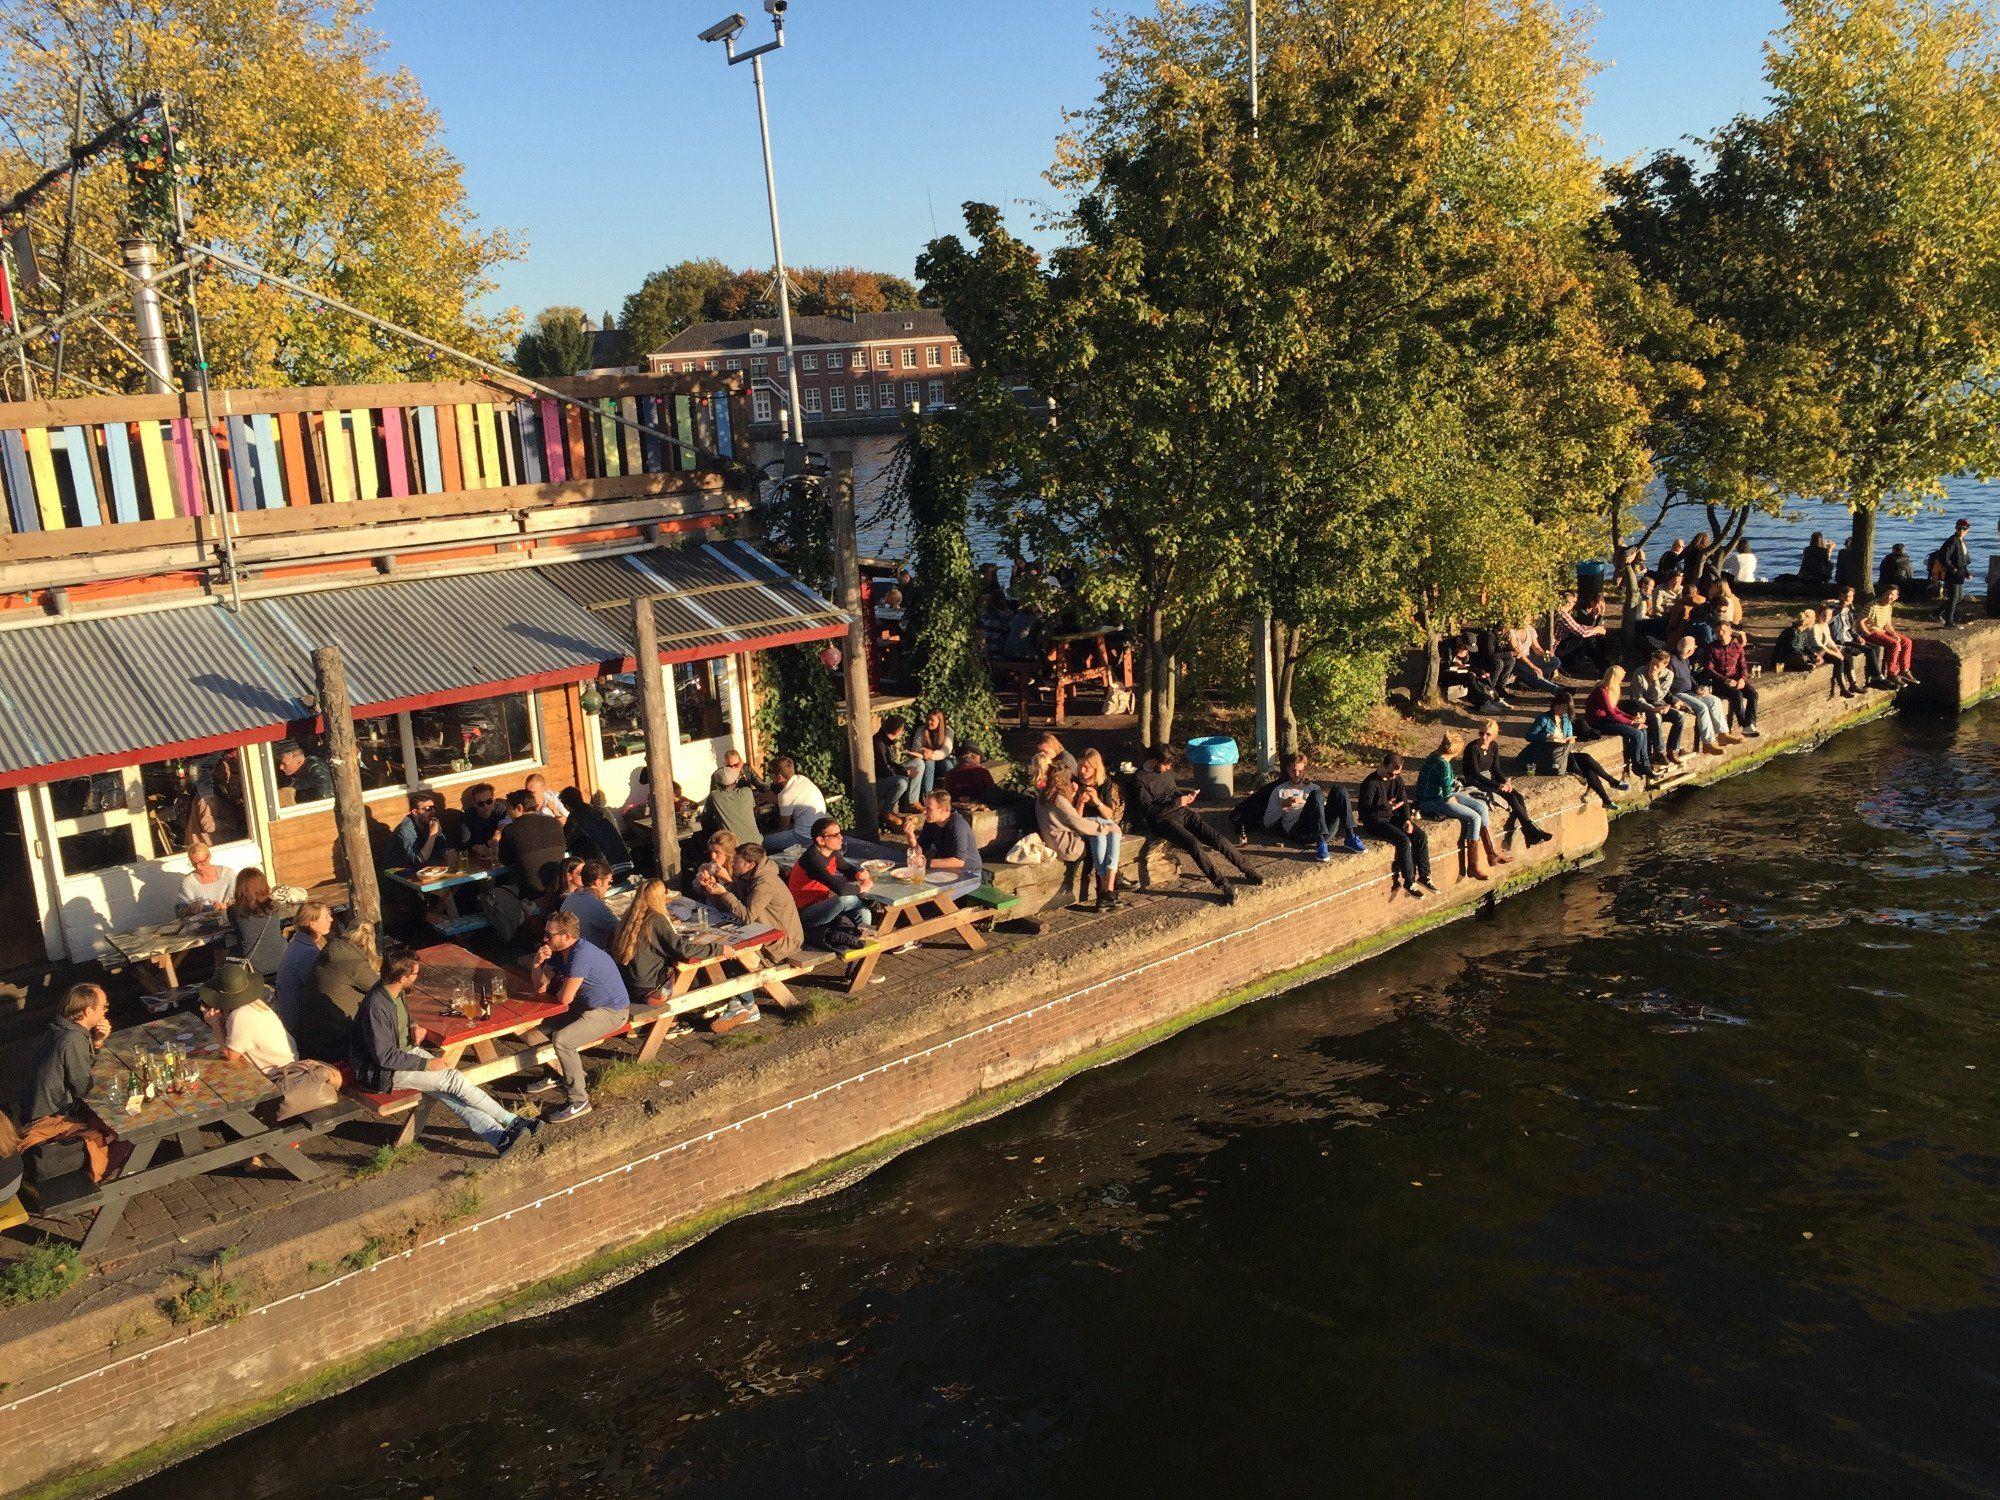 Hannekes Boom Amsterdam See 262 Unbiased Reviews Of Hannekes